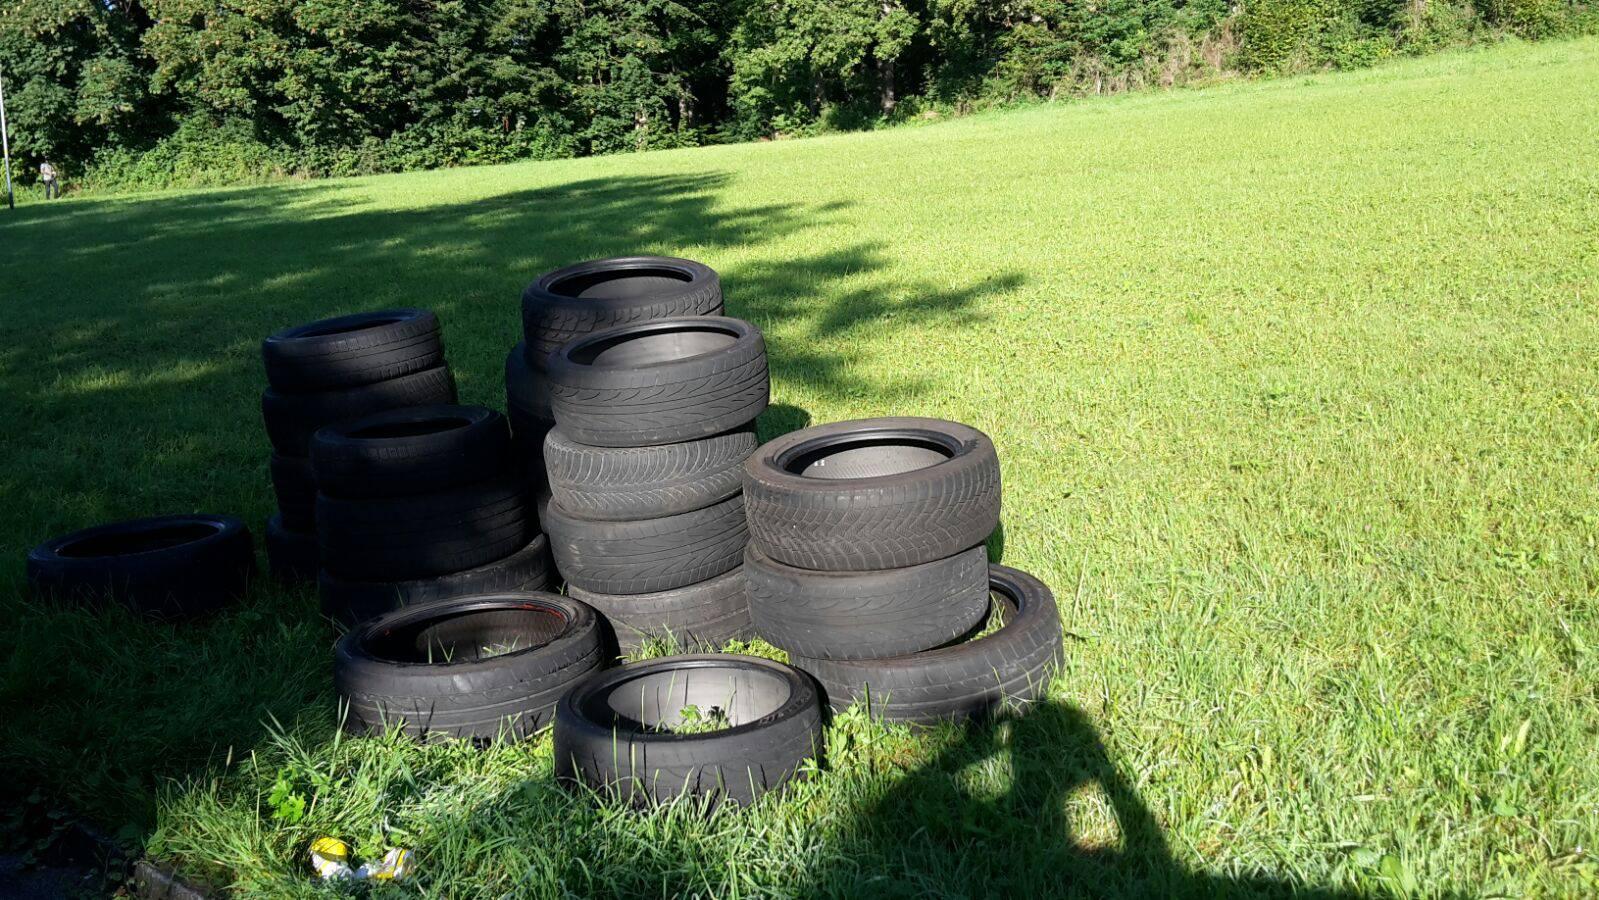 Wem gehören diese Reifen?